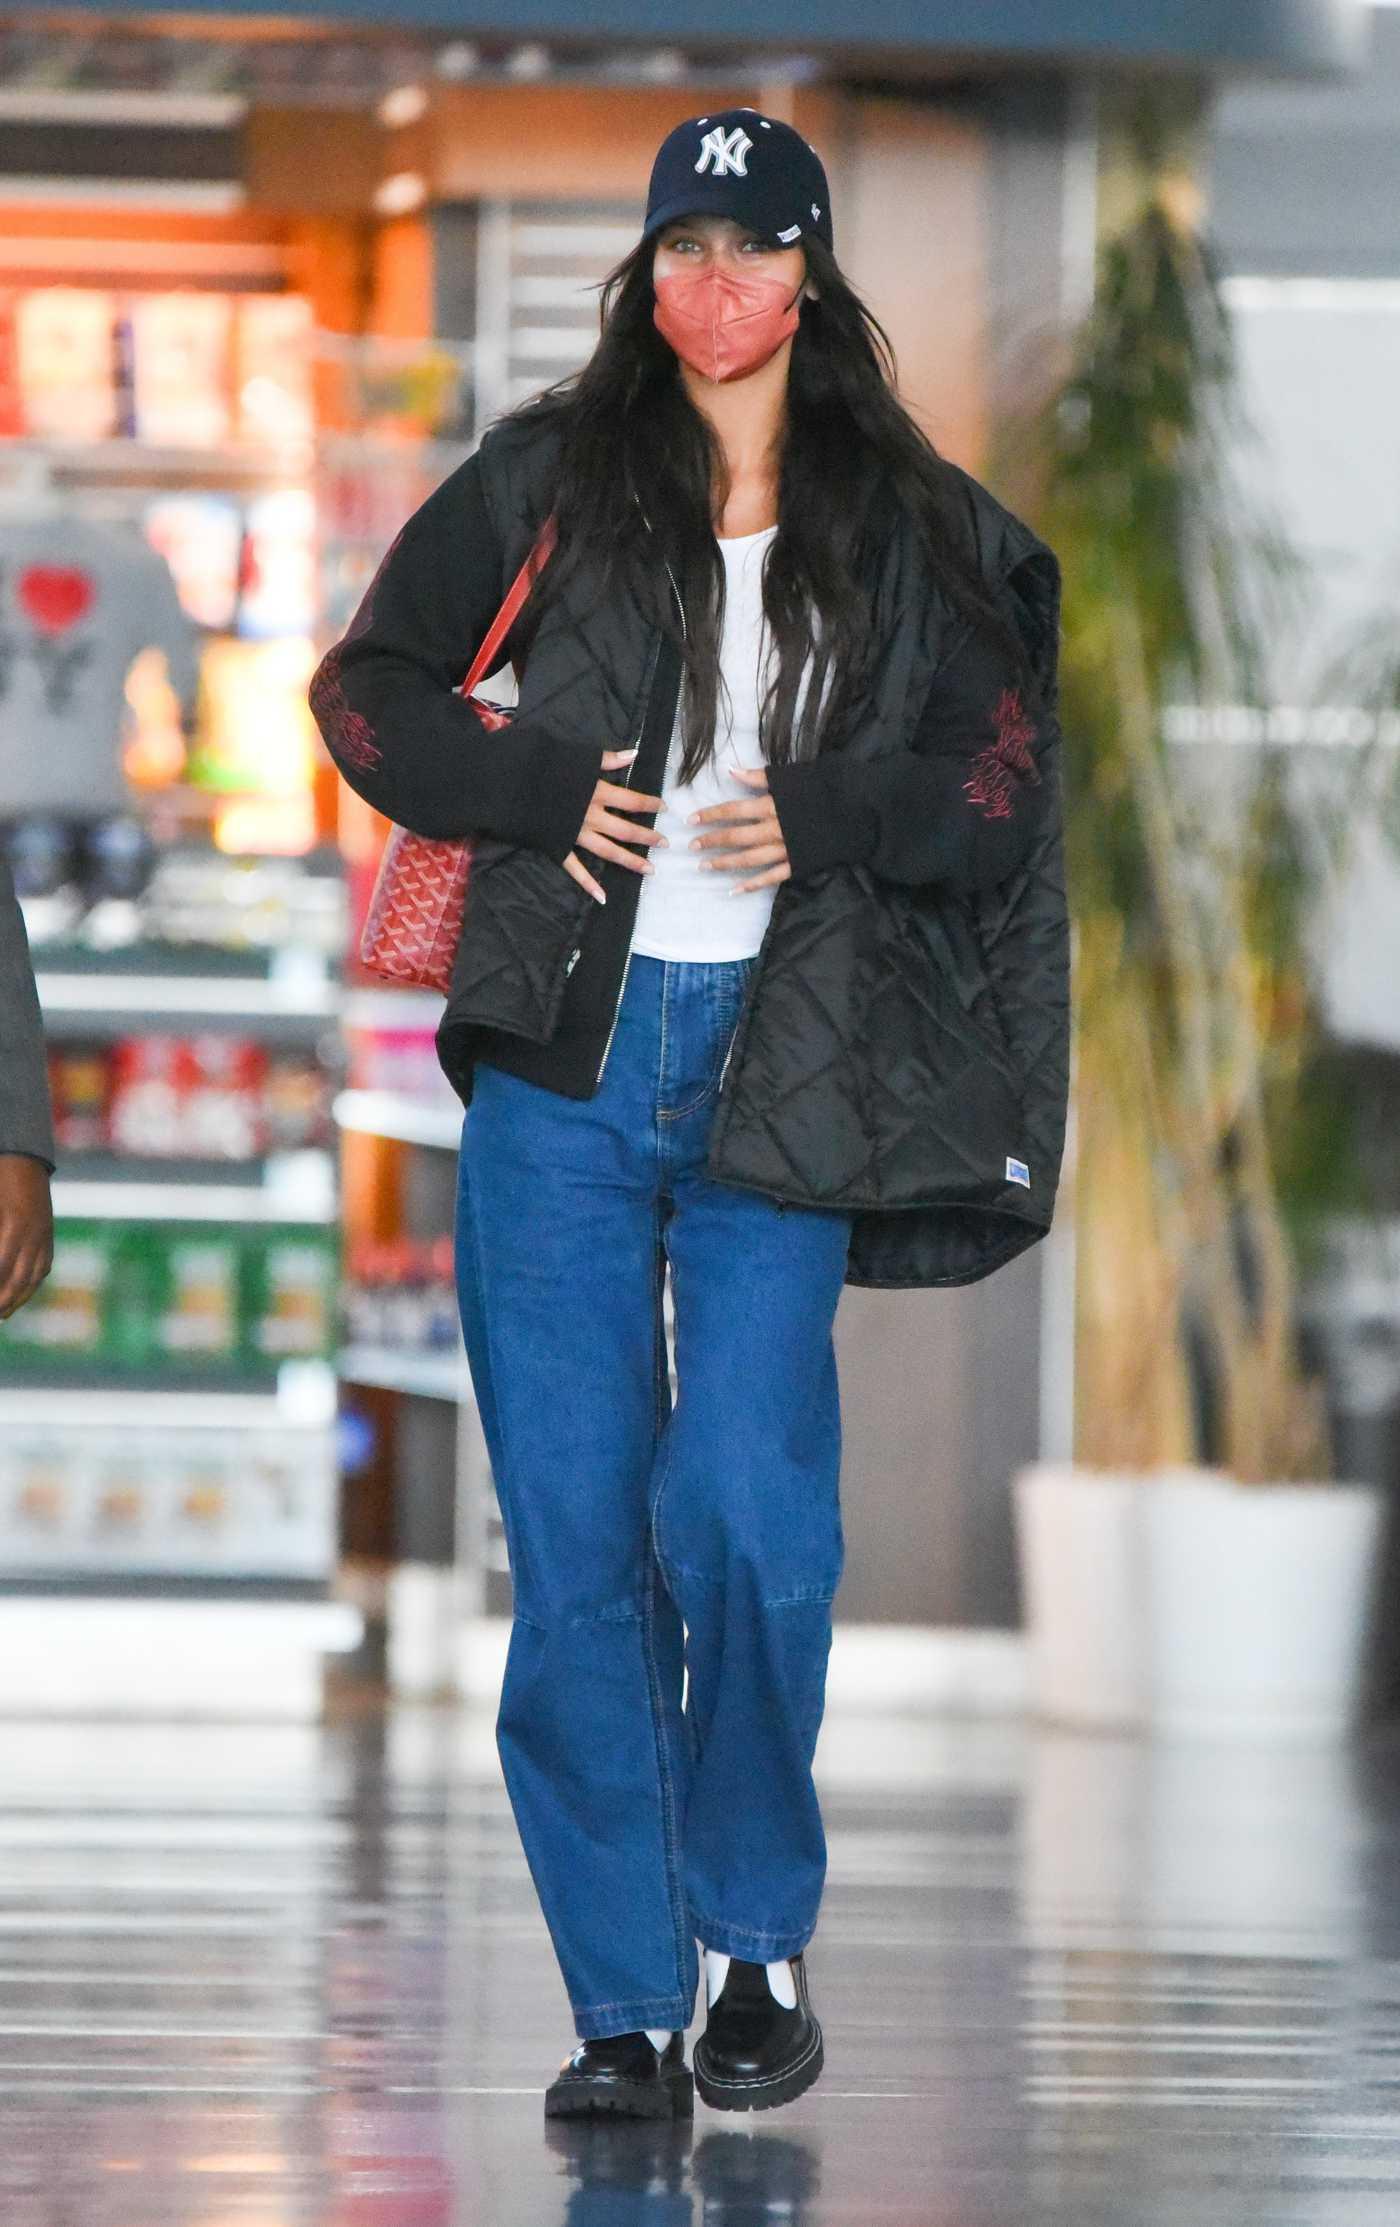 Bella Hadid in a Black Cap Arrives at JFK Airport in New York 07/16/2021